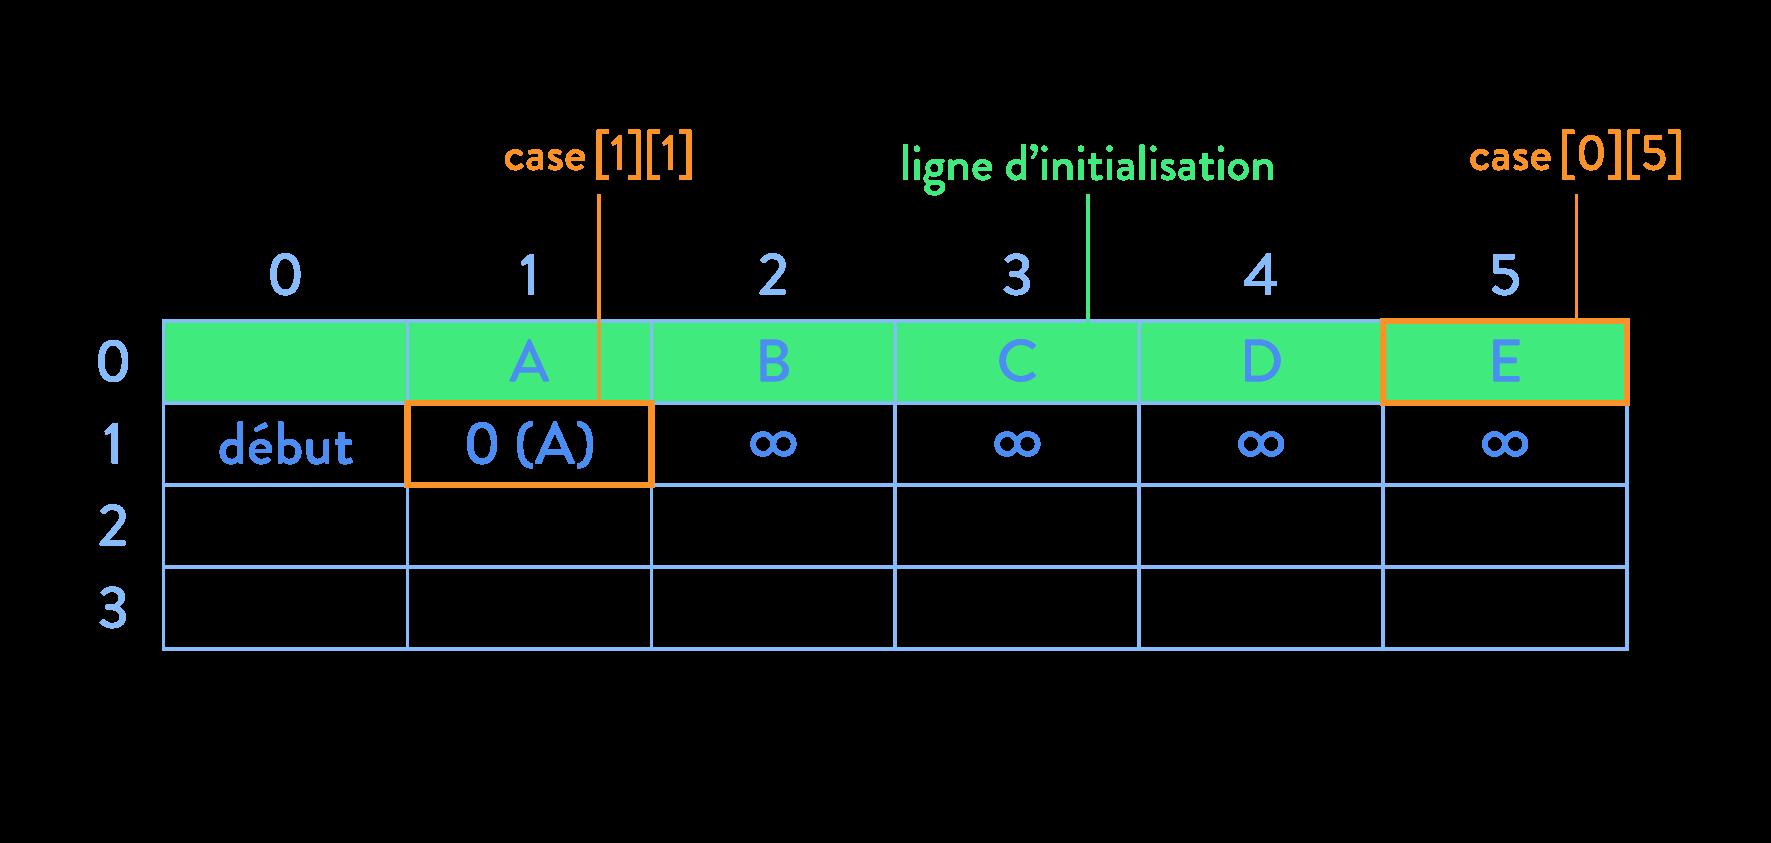 Algorithme de Dijkstra calcul d'itinéraire graphe tableau ligne d'initialisation sciences numériques et technologie seconde